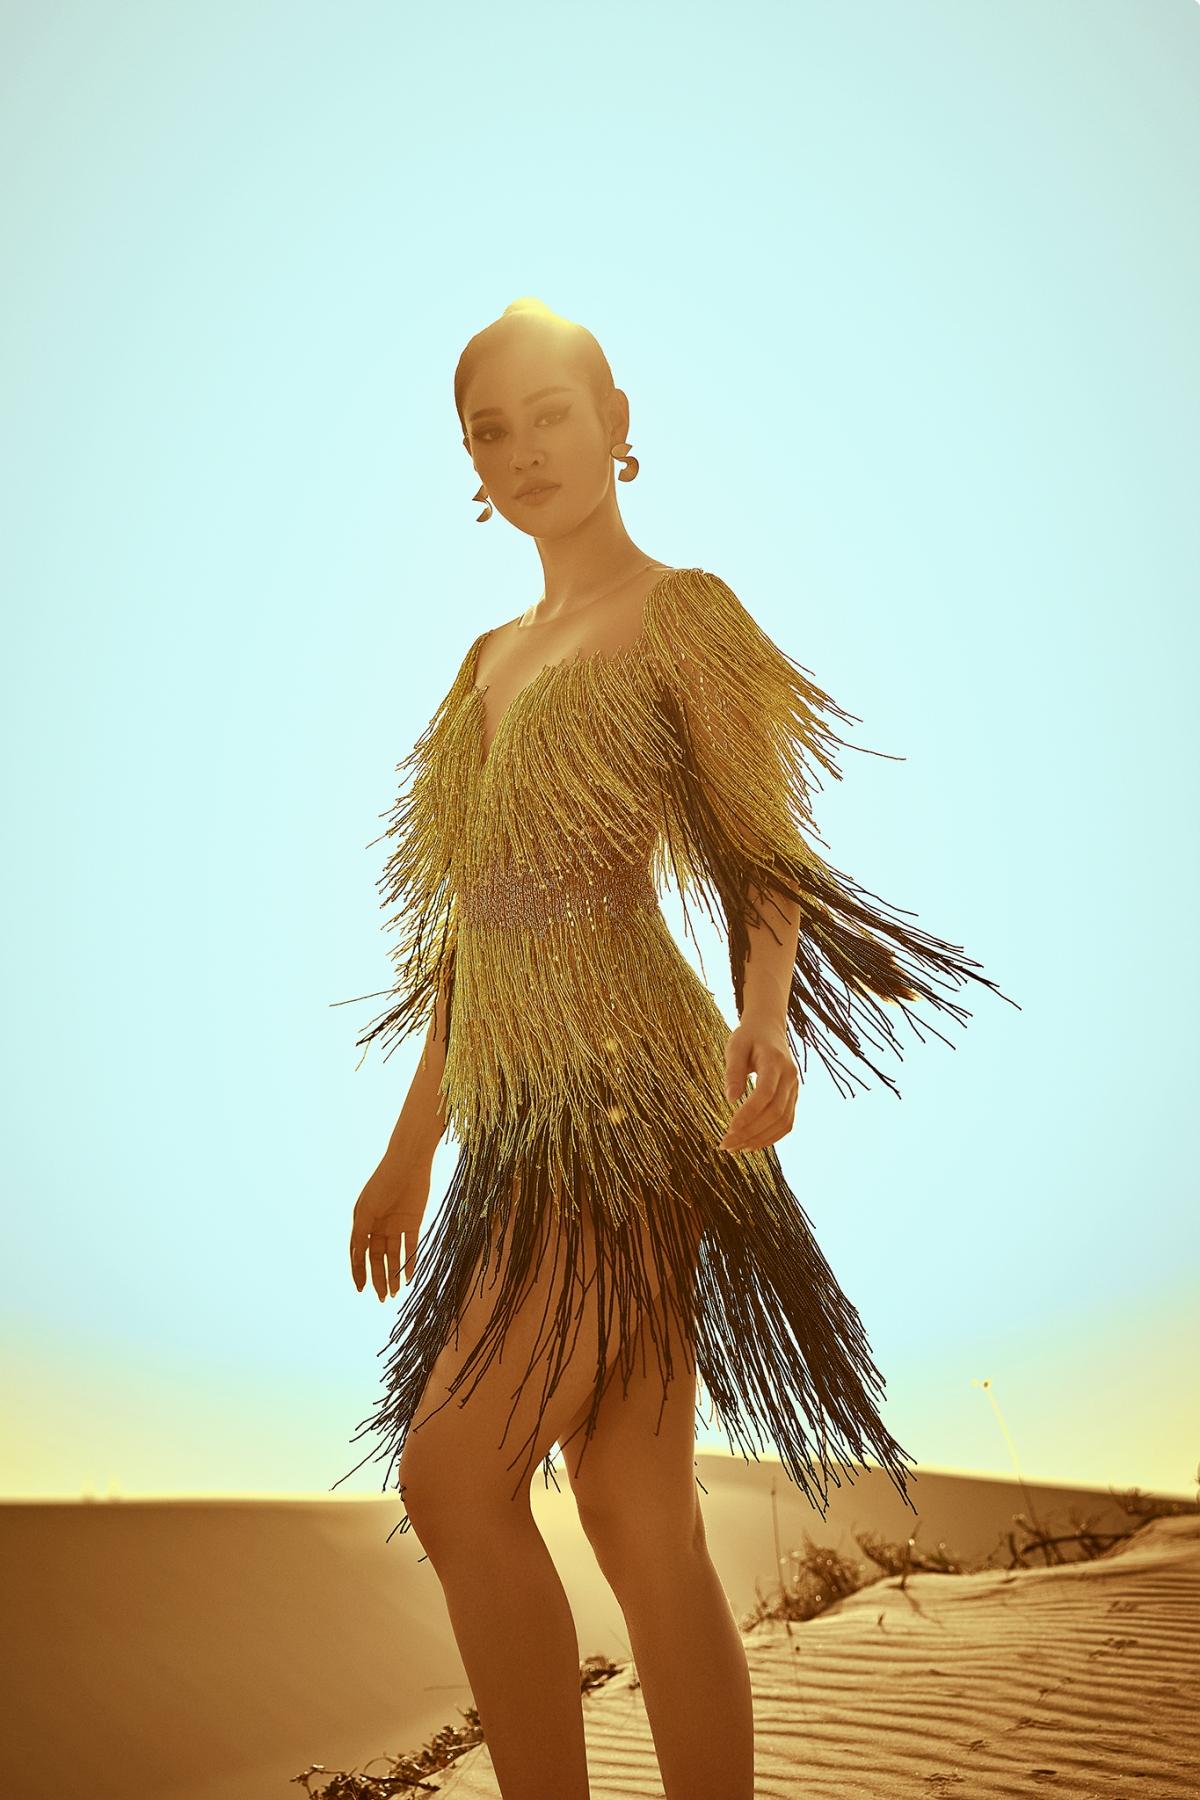 Trong trang phục đầm tua rua màu sắc rực rỡ, Khánh Vân nổi bật giữa đồi cát vào lúc bình minh, hoà quyện với khung cảnh tạo nên một bố cục hài hoà.